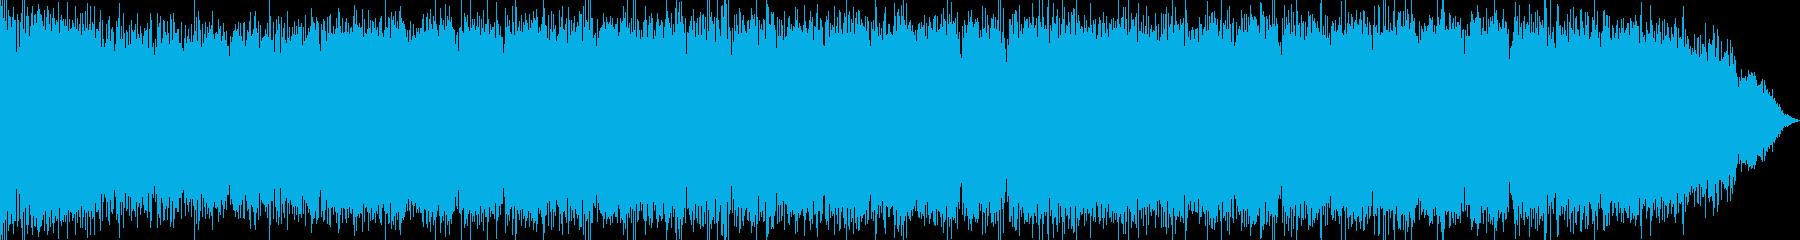 少年漫画によくあるオーラ表現の効果音の再生済みの波形